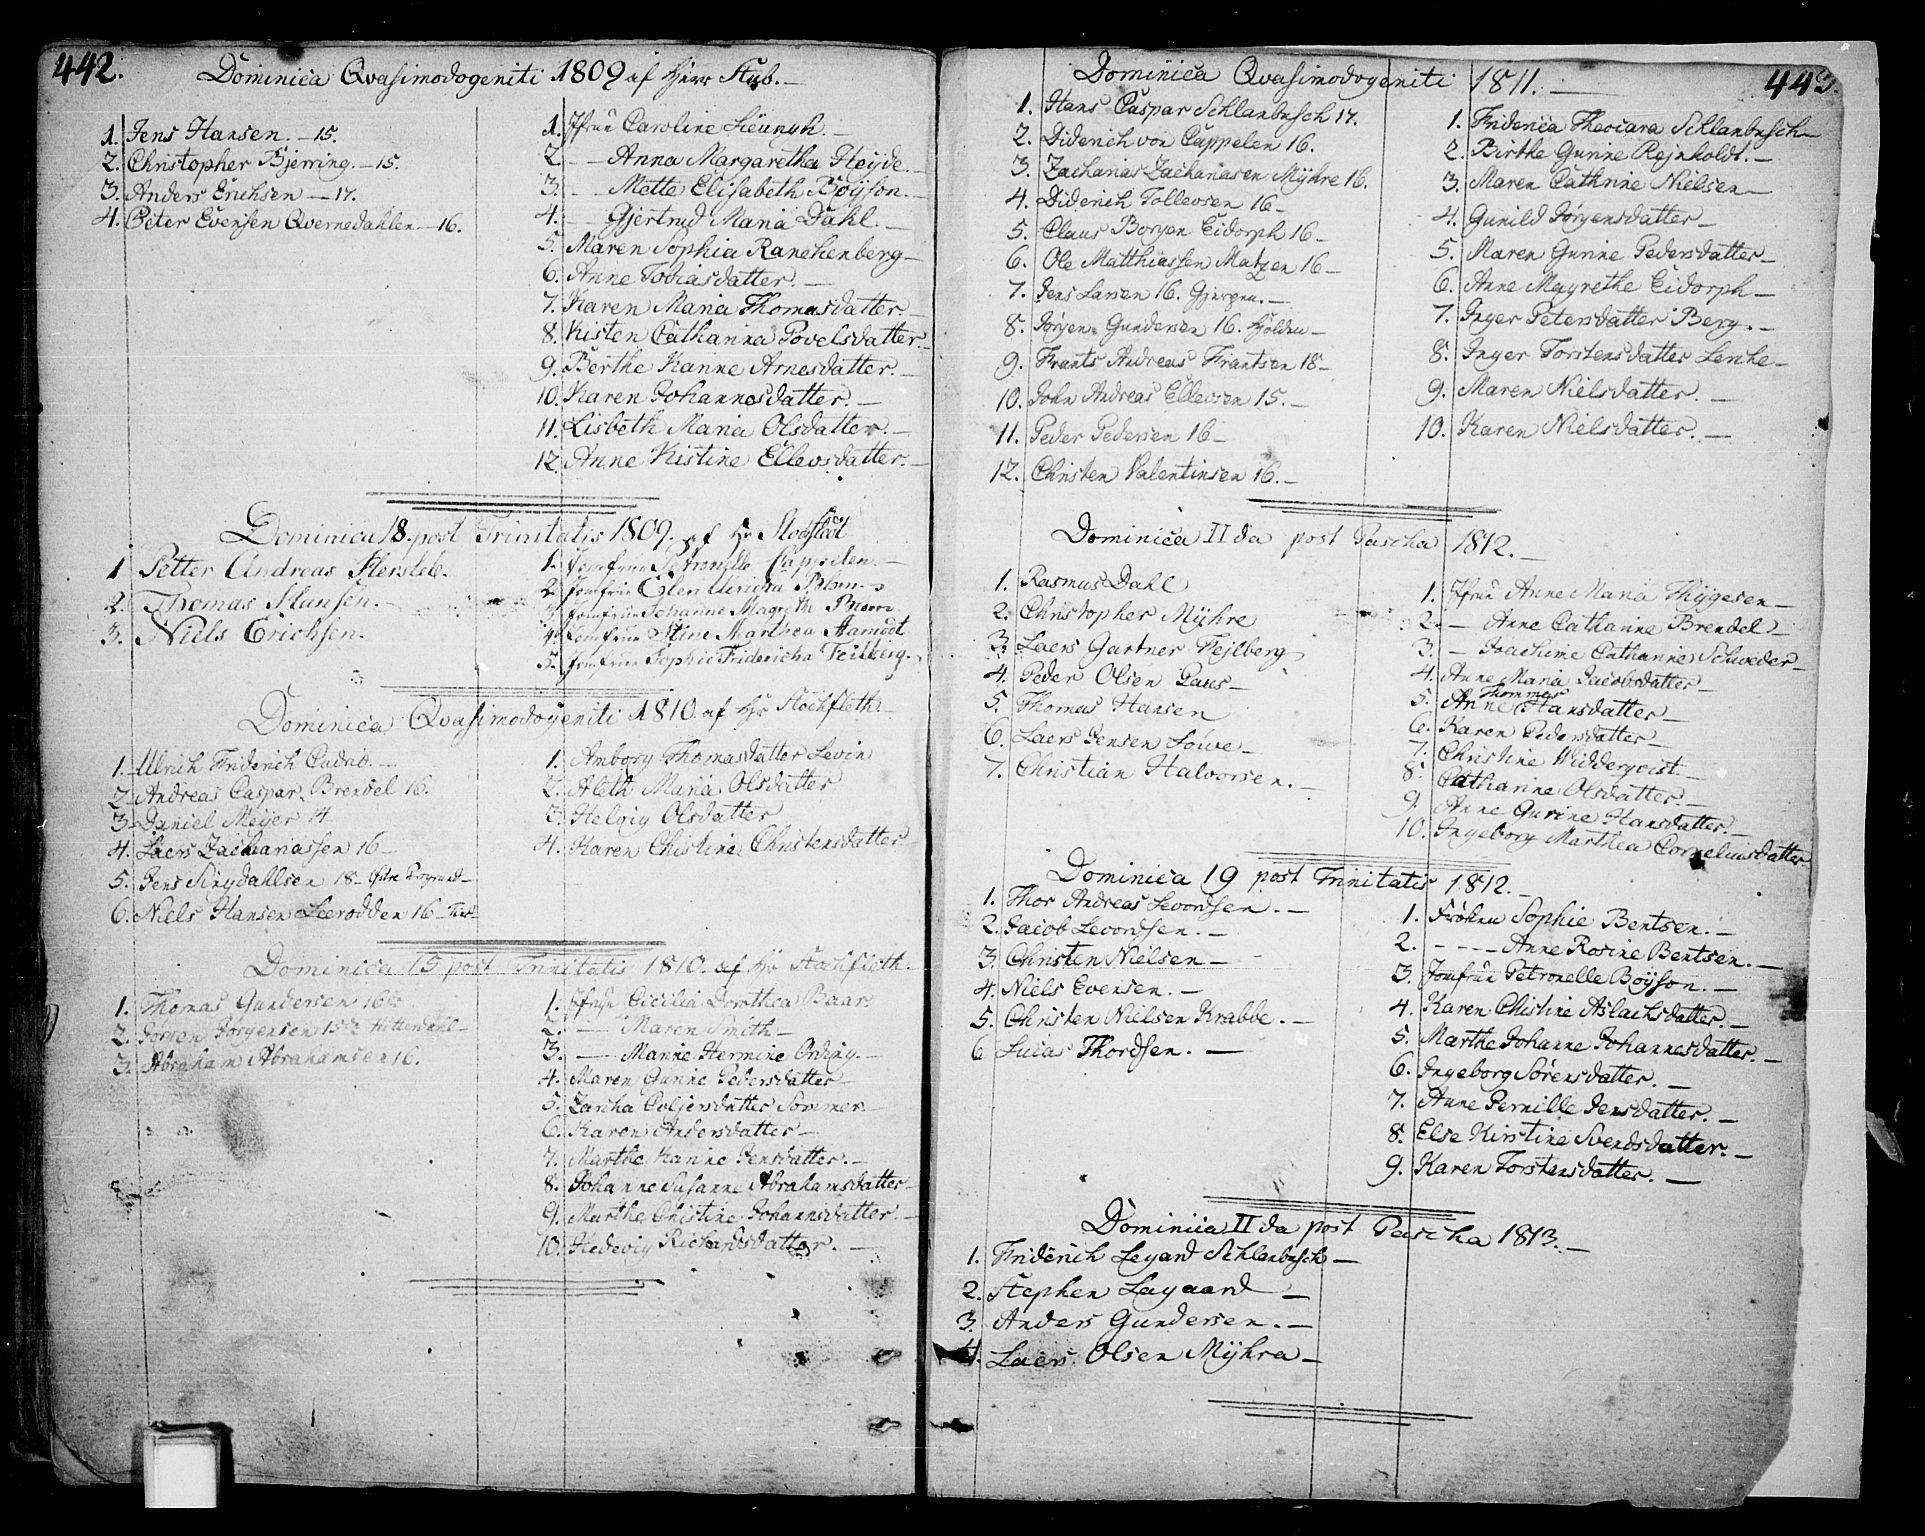 SAKO, Skien kirkebøker, F/Fa/L0004: Ministerialbok nr. 4, 1792-1814, s. 442-443